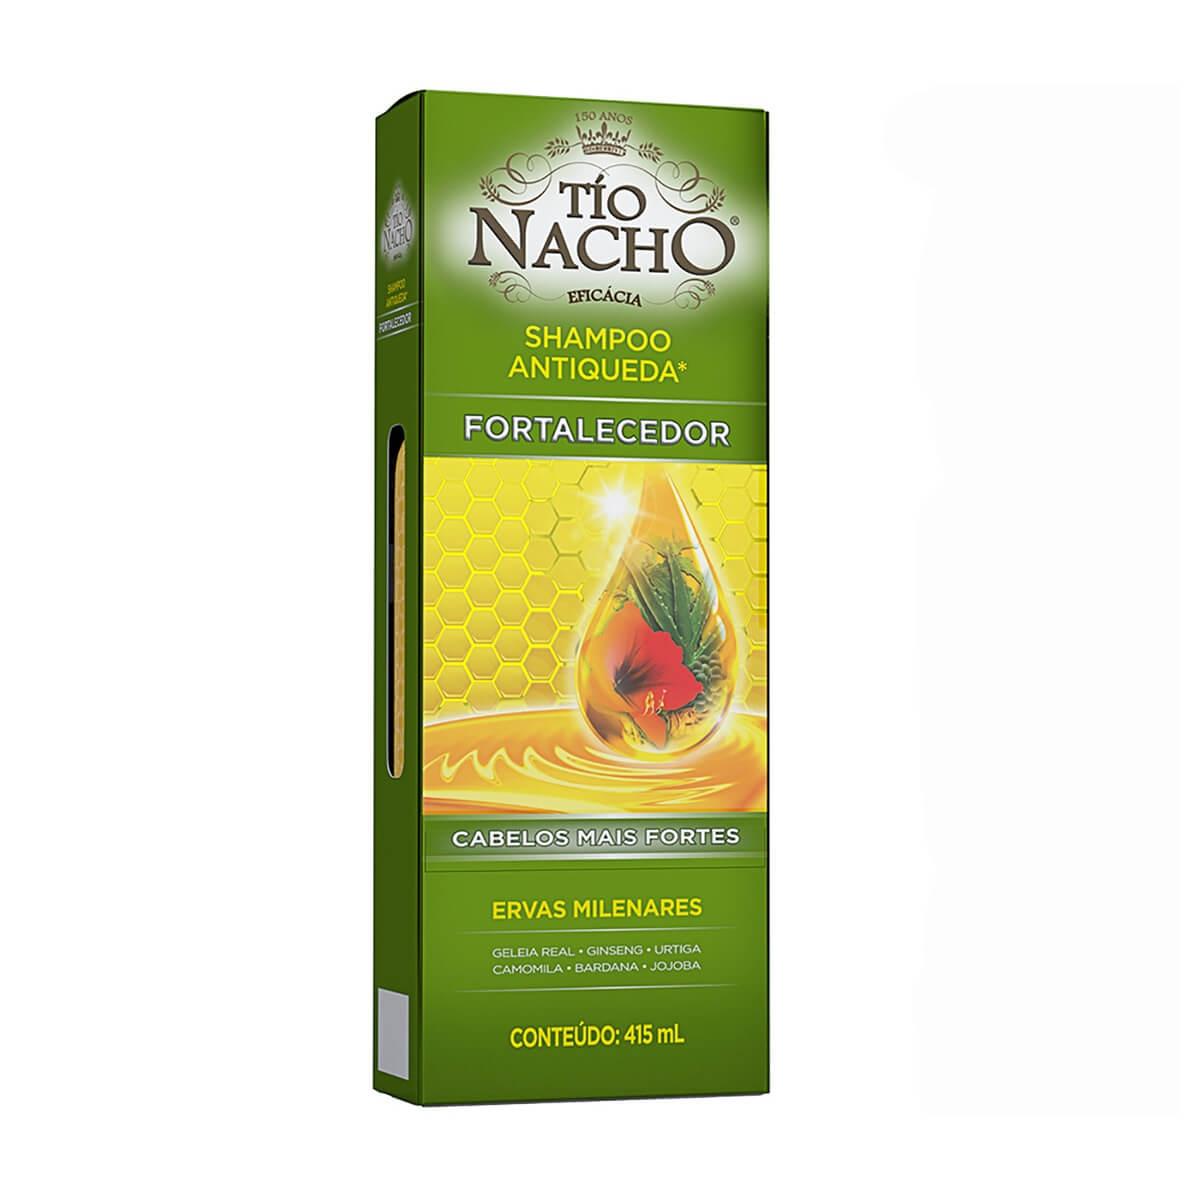 Shampoo Antiqueda Tio Nacho Fortalecedor Ervas Milenares com 415ml 415ml